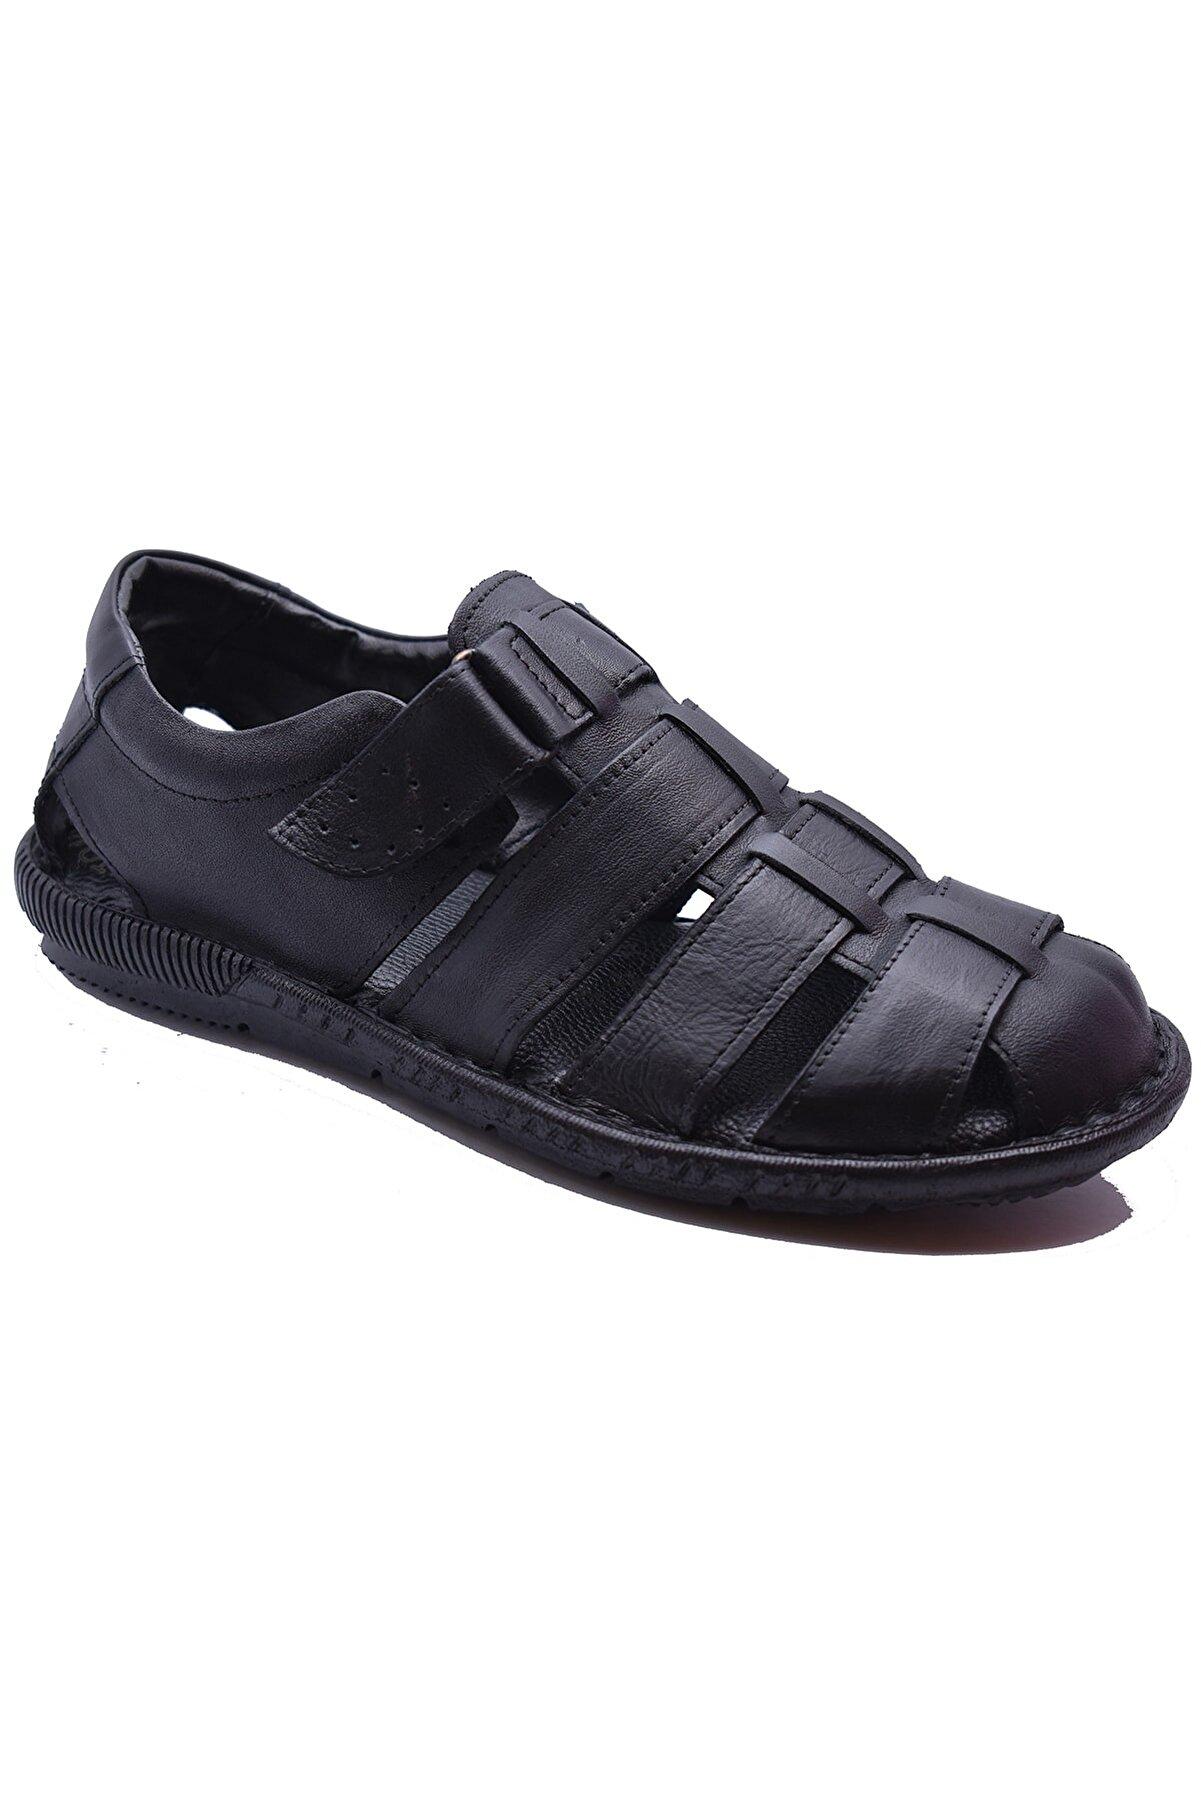 ayakkabiburada Hakiki Deri Erkek Ayakkabı